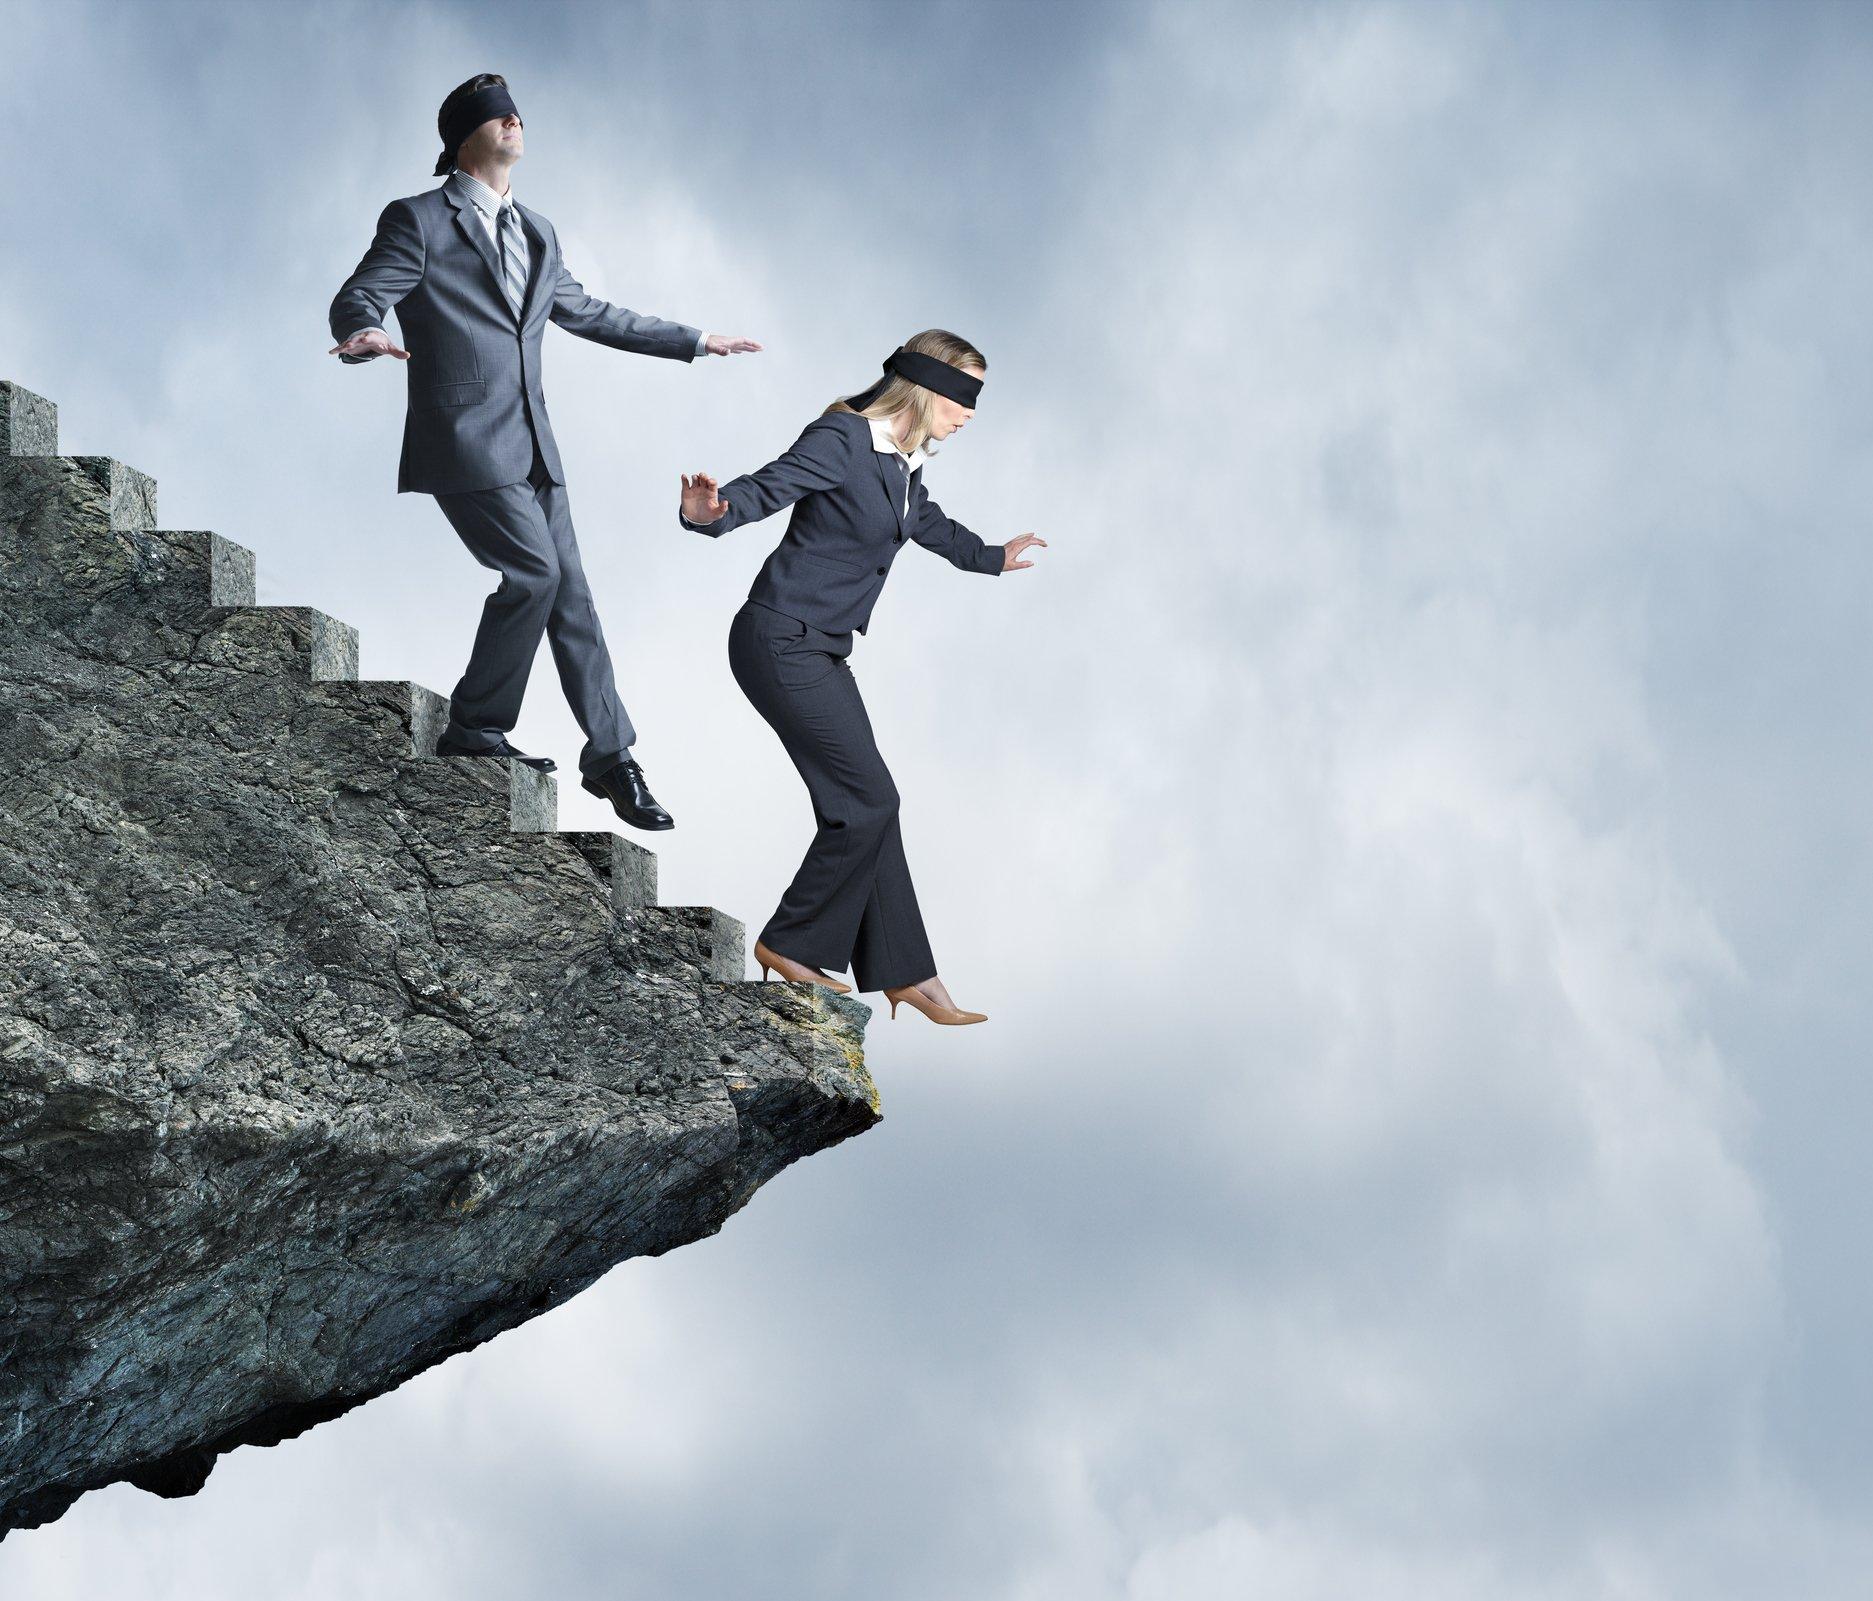 Dos personas al borde de un precipicio